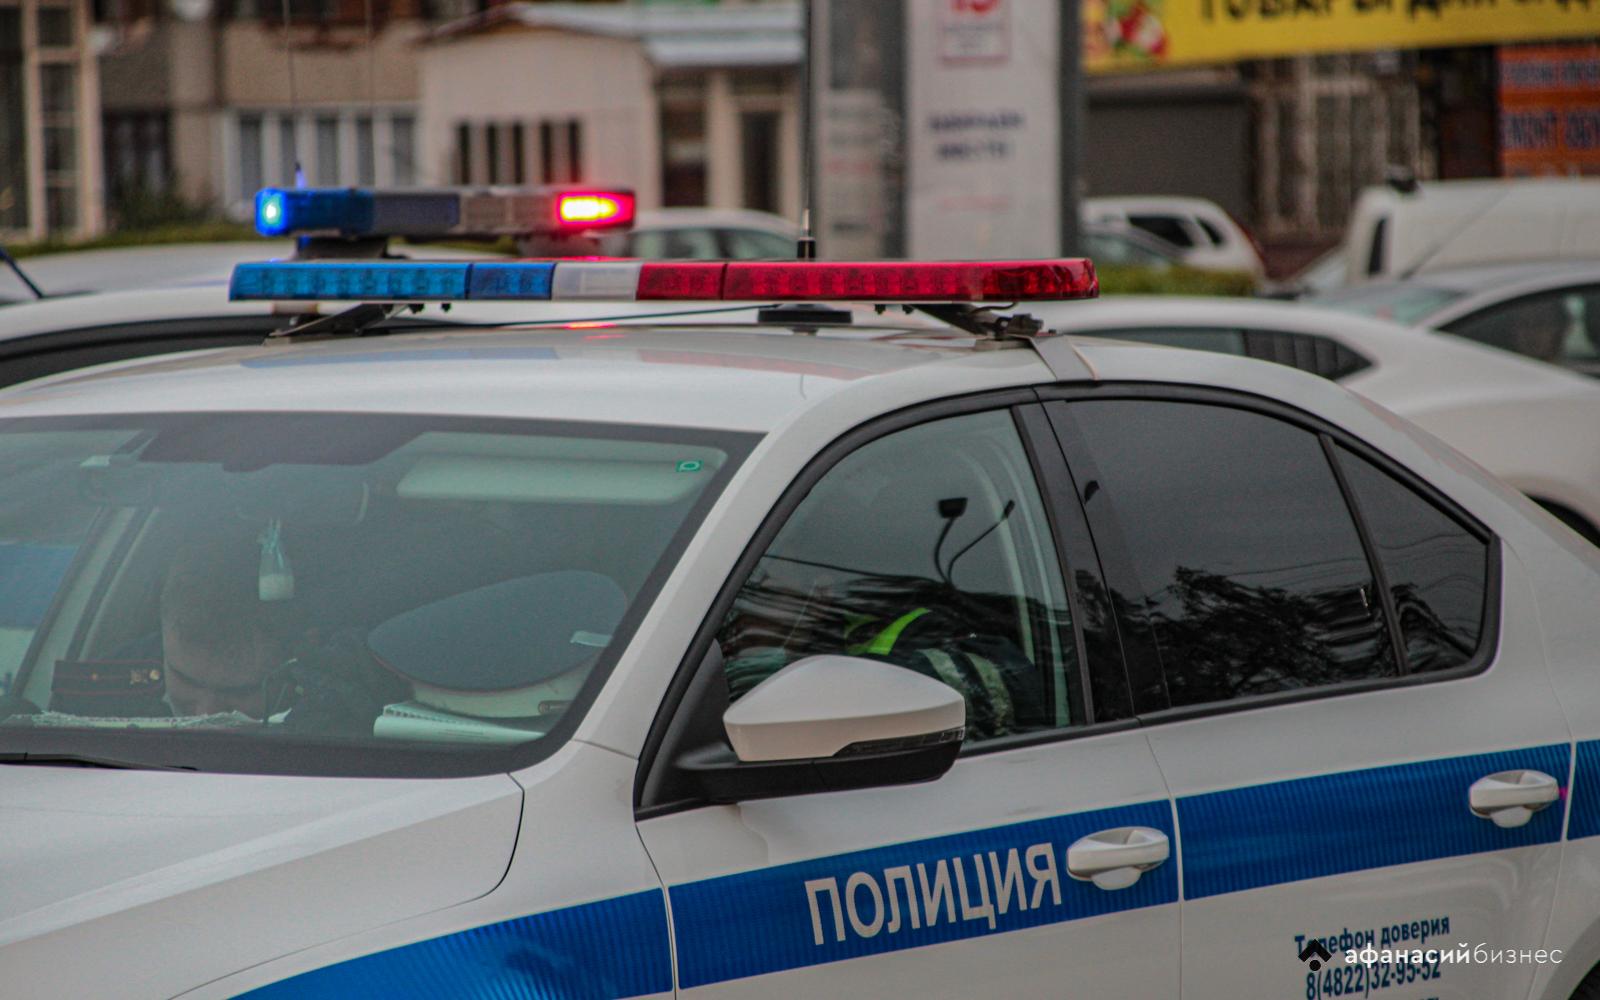 В Твери девушку госпитализировали после ДТП с участием пьяного водителя - новости Афанасий